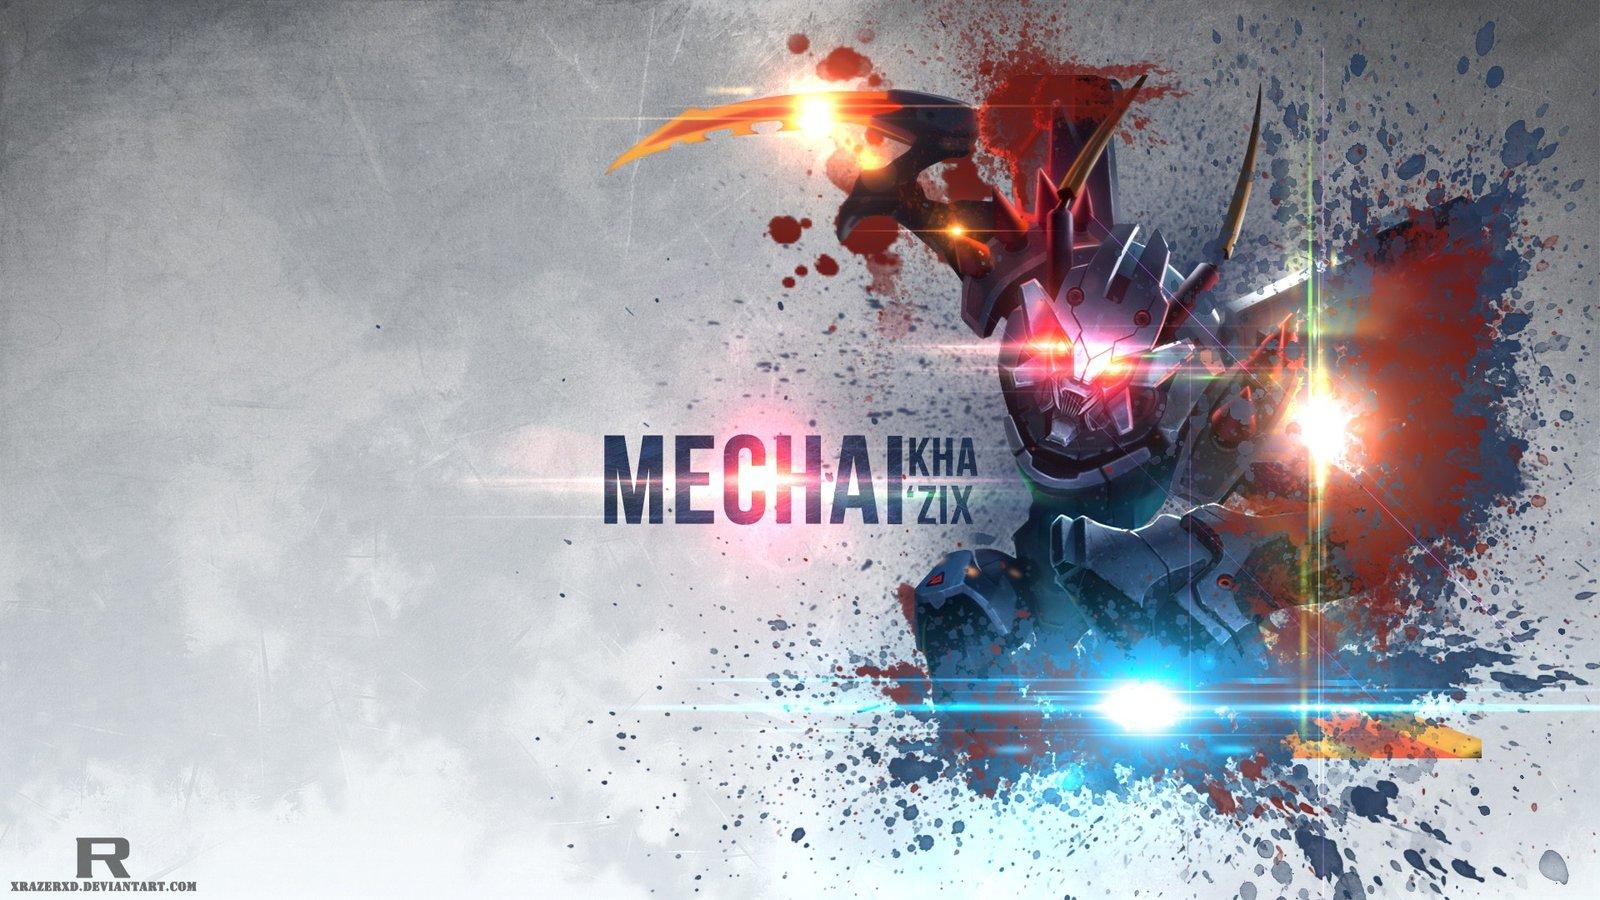 Mecha Kha'Zix by xRazerxD HD Wallpaper Fan Art Artwork League of Legends lol